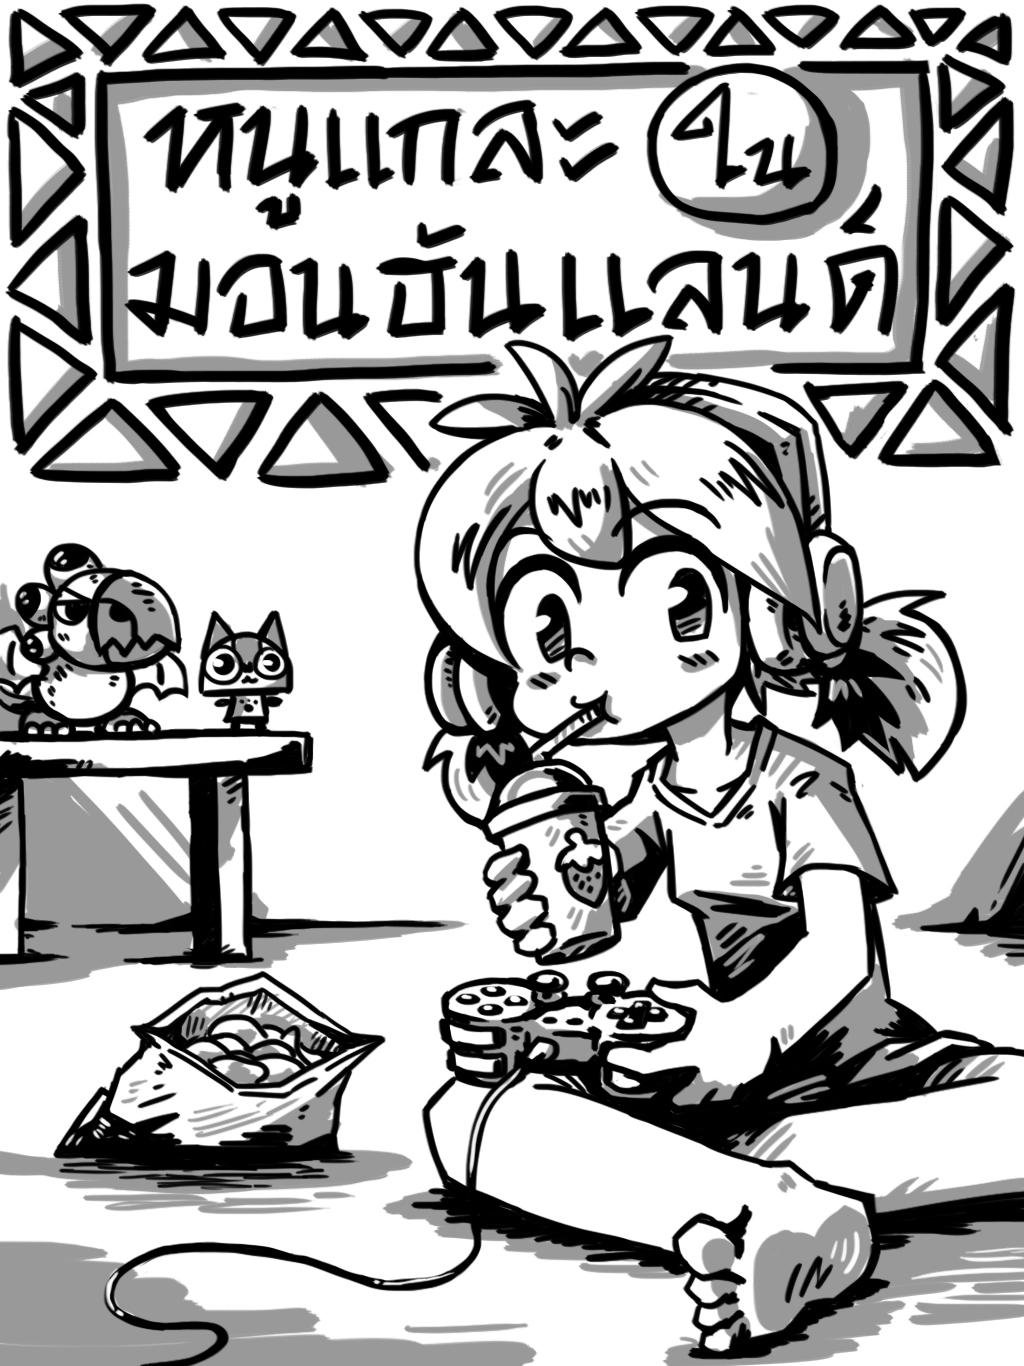 PS4น้องสาว - ก่อนเริ่มเล่น